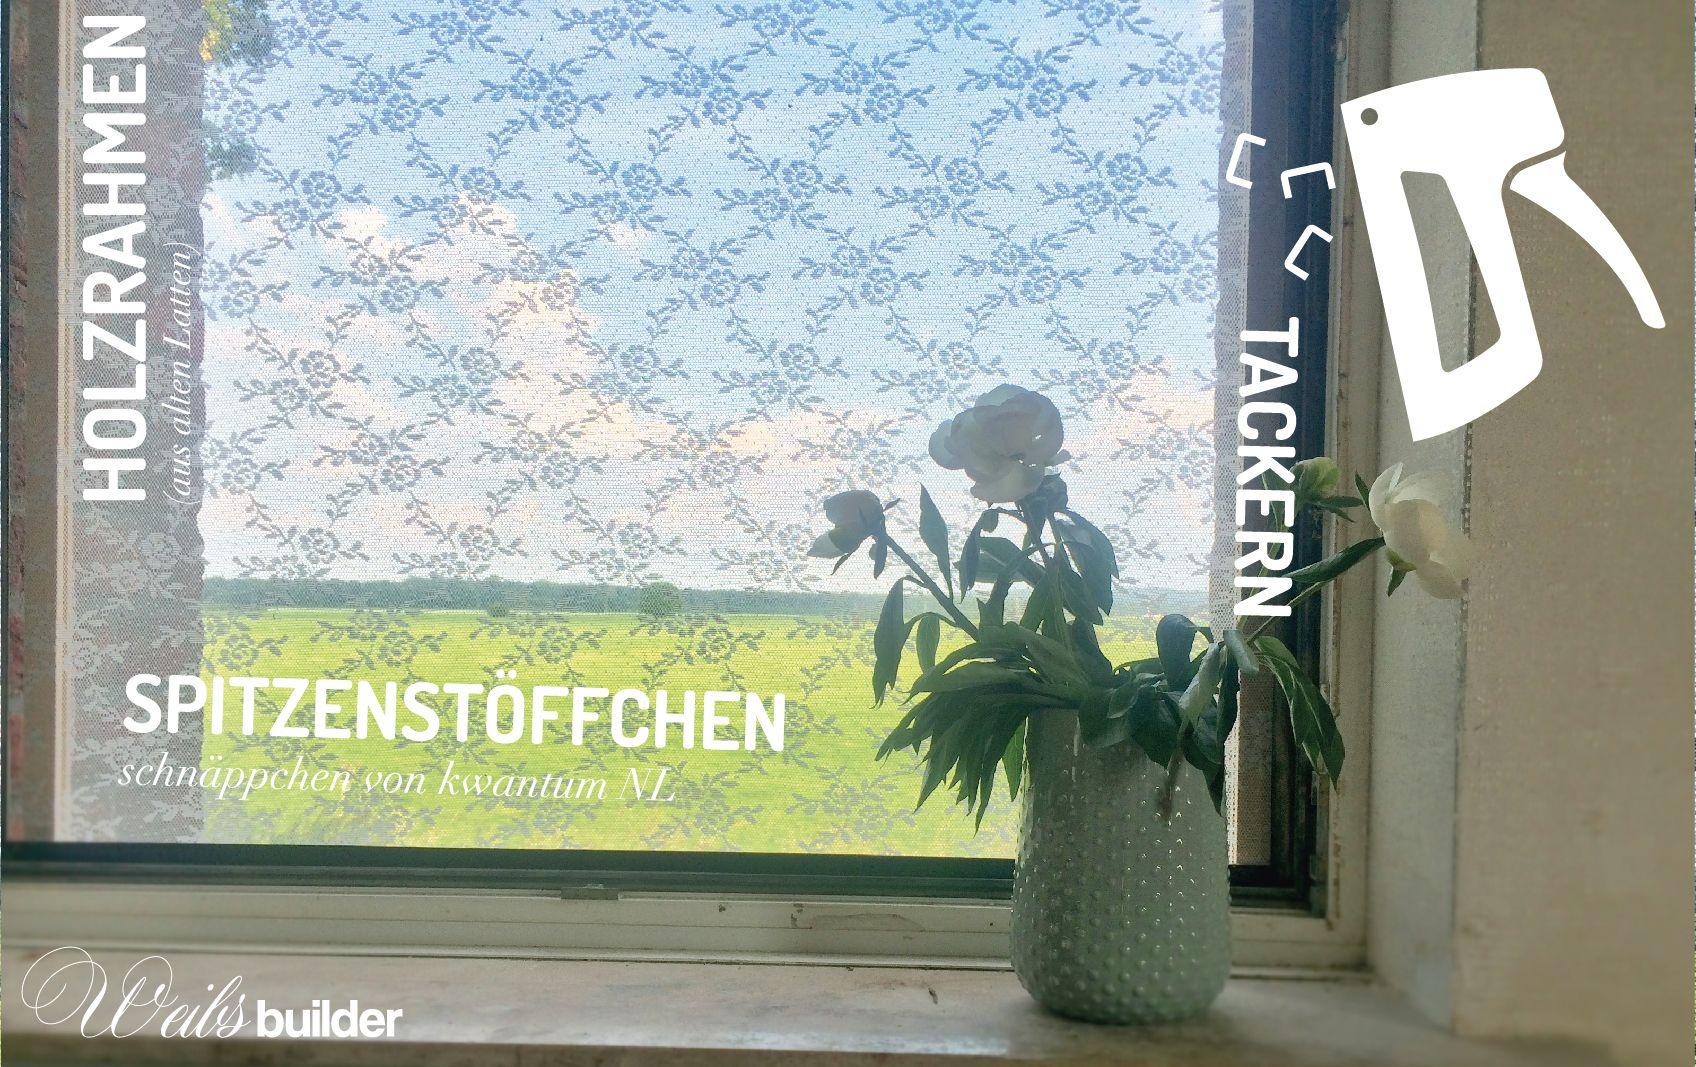 Einfach g nstig und individuell bauanleitung zum eigenen - Fliegengitter dachfenster selber bauen ...